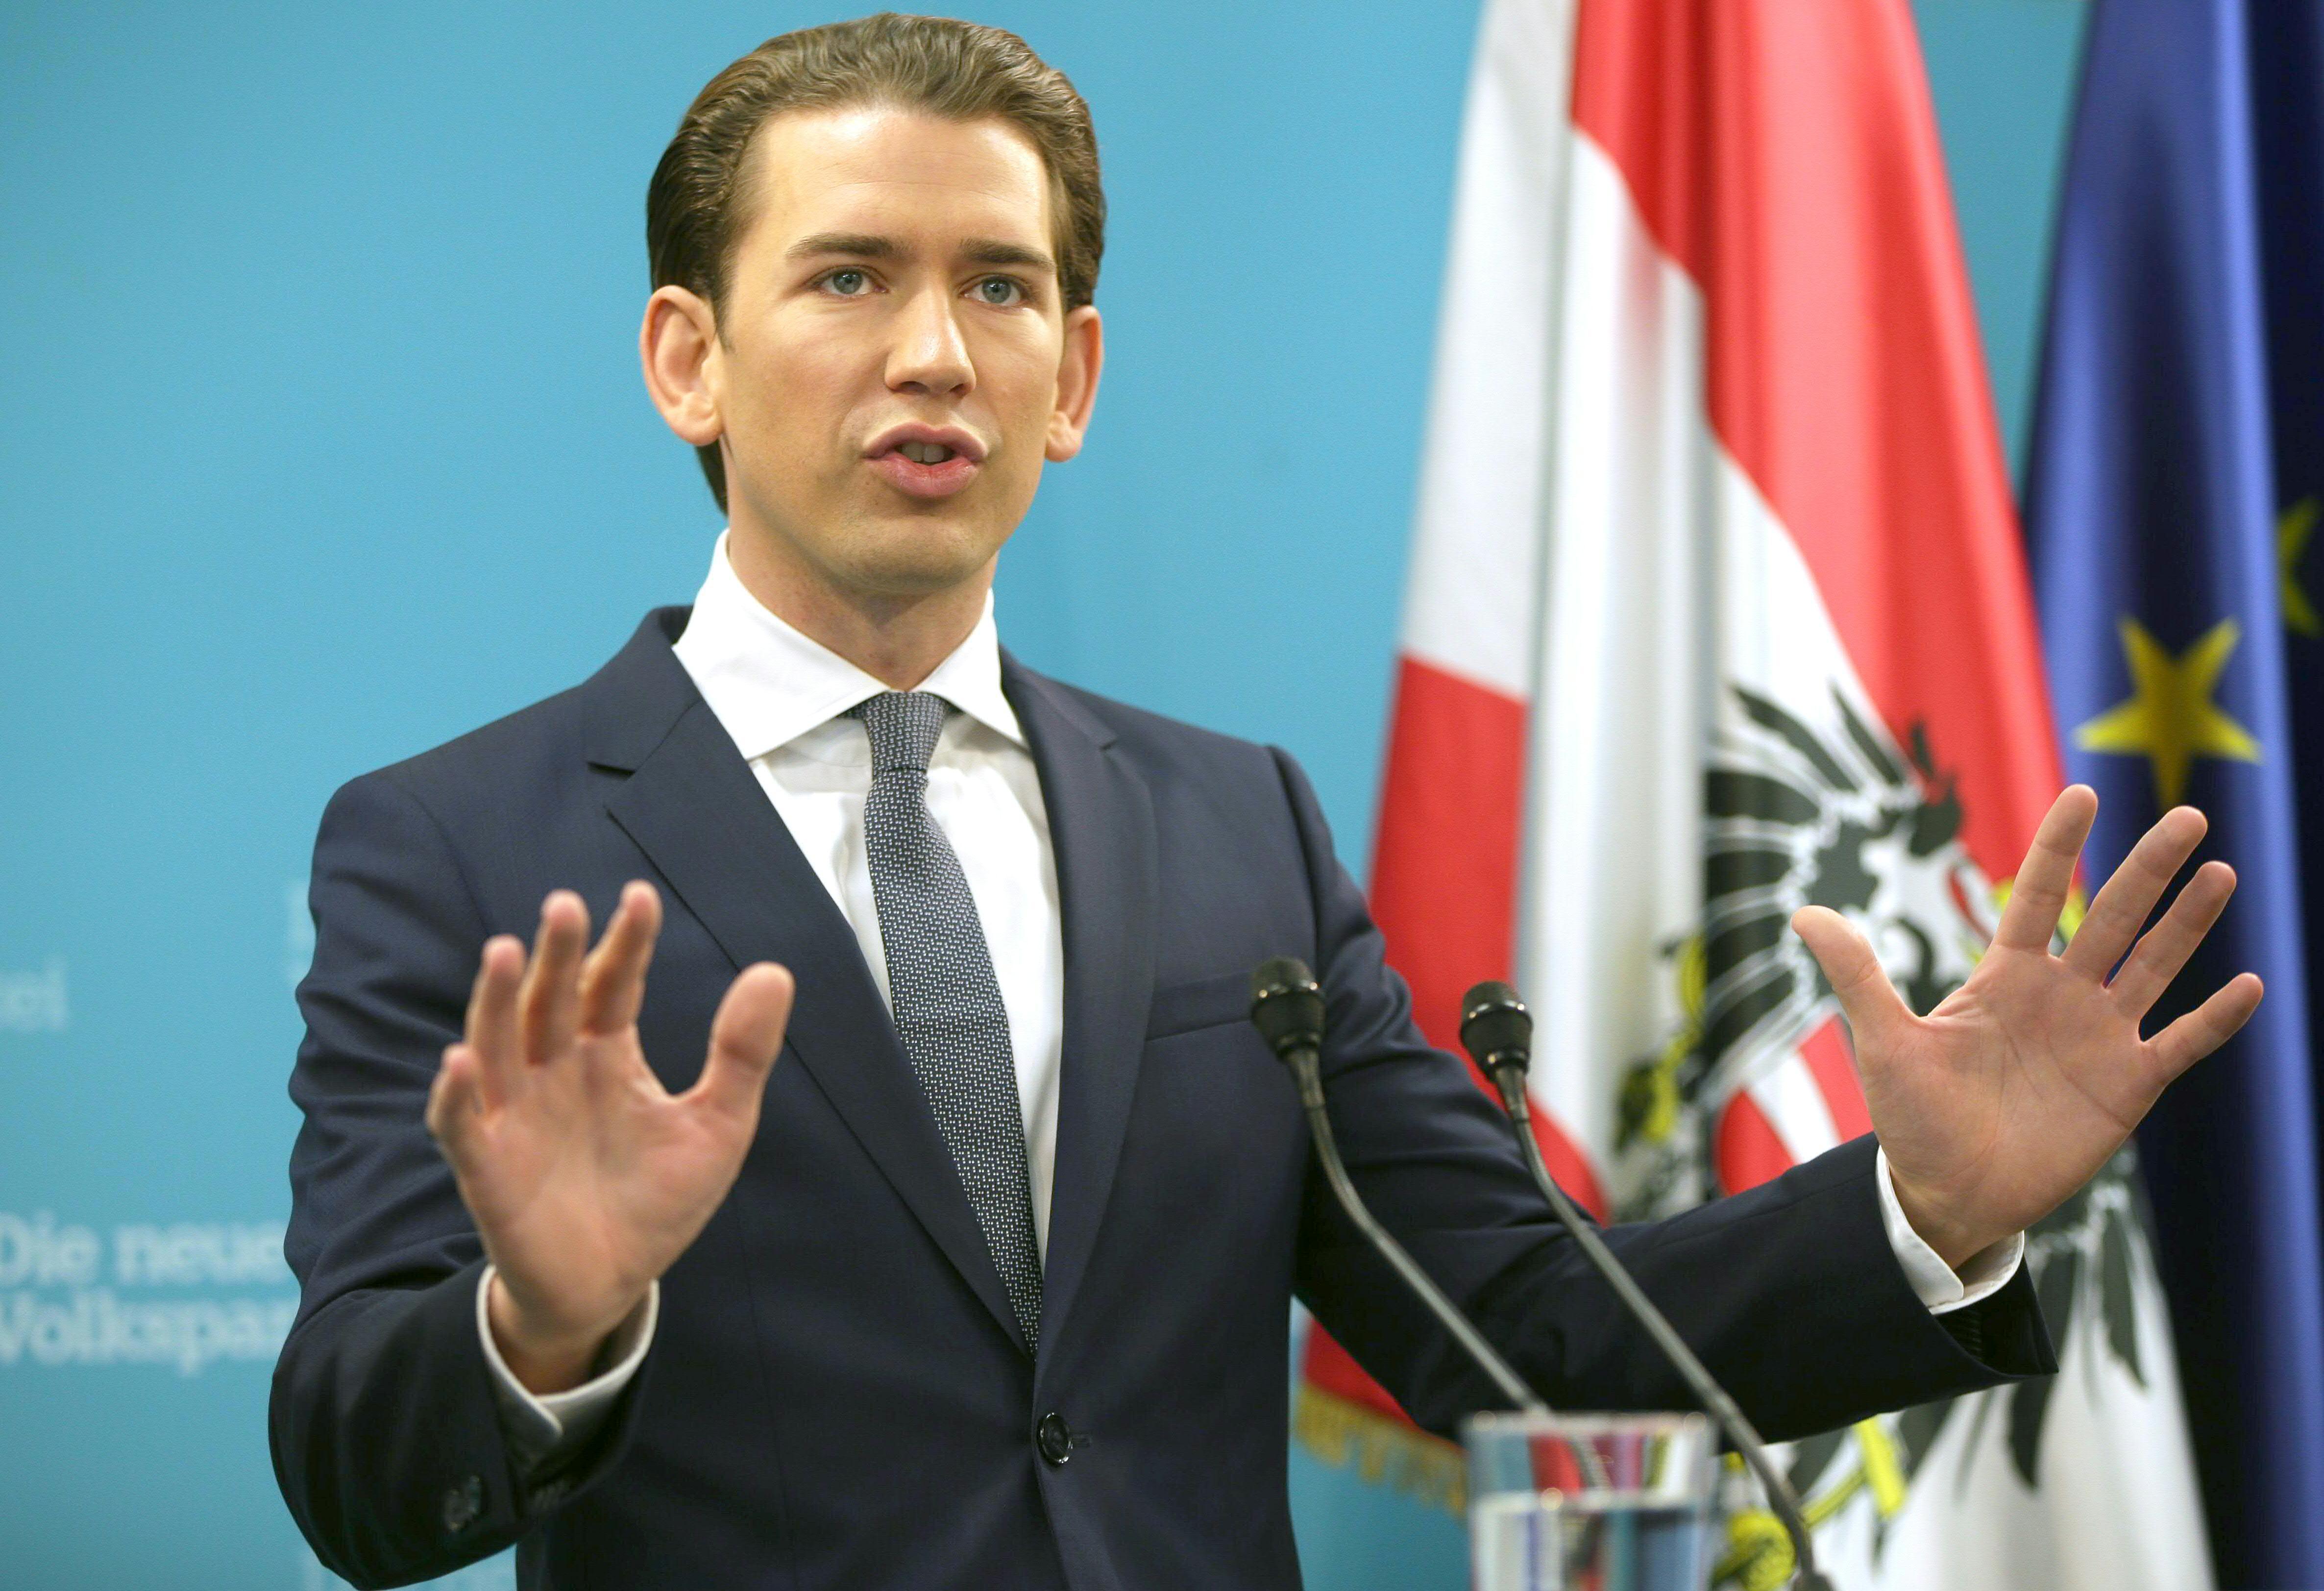 Az FPÖ-vel kezd koalíciós tárgyalásokat az Osztrák Néppárt